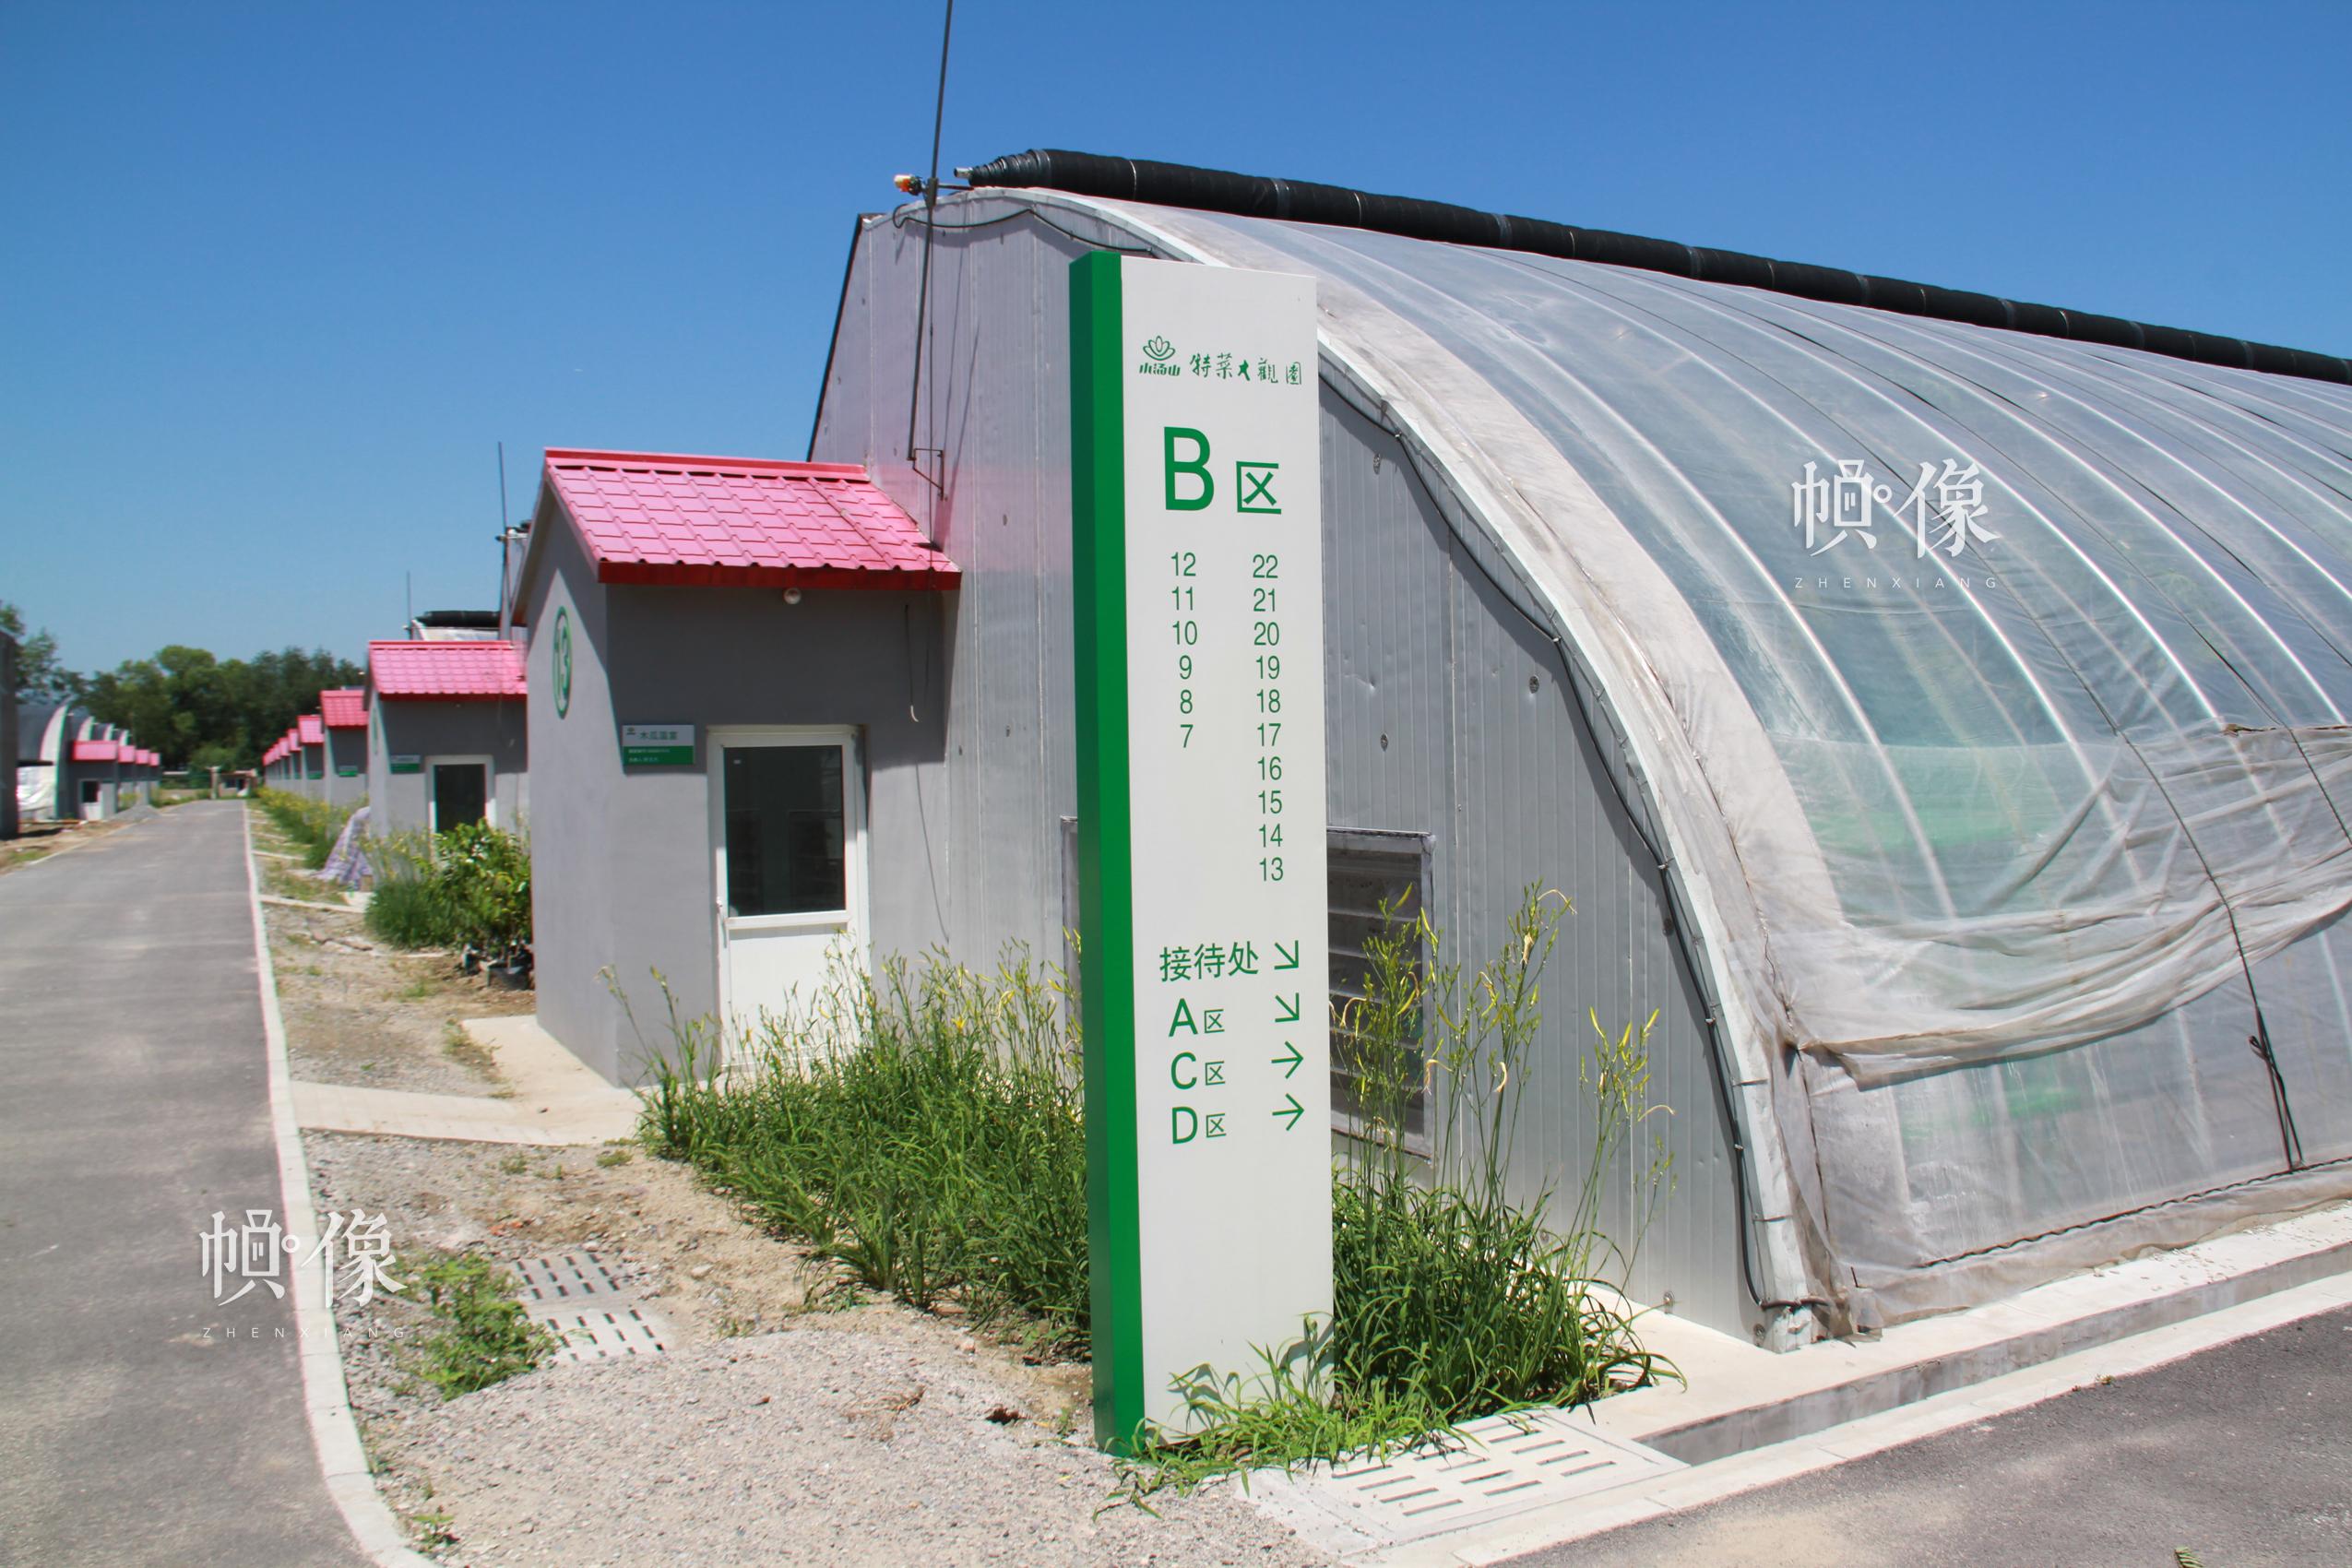 图为北京天安农业小汤山特菜基地蔬菜大棚。中国网记者 赵超 摄